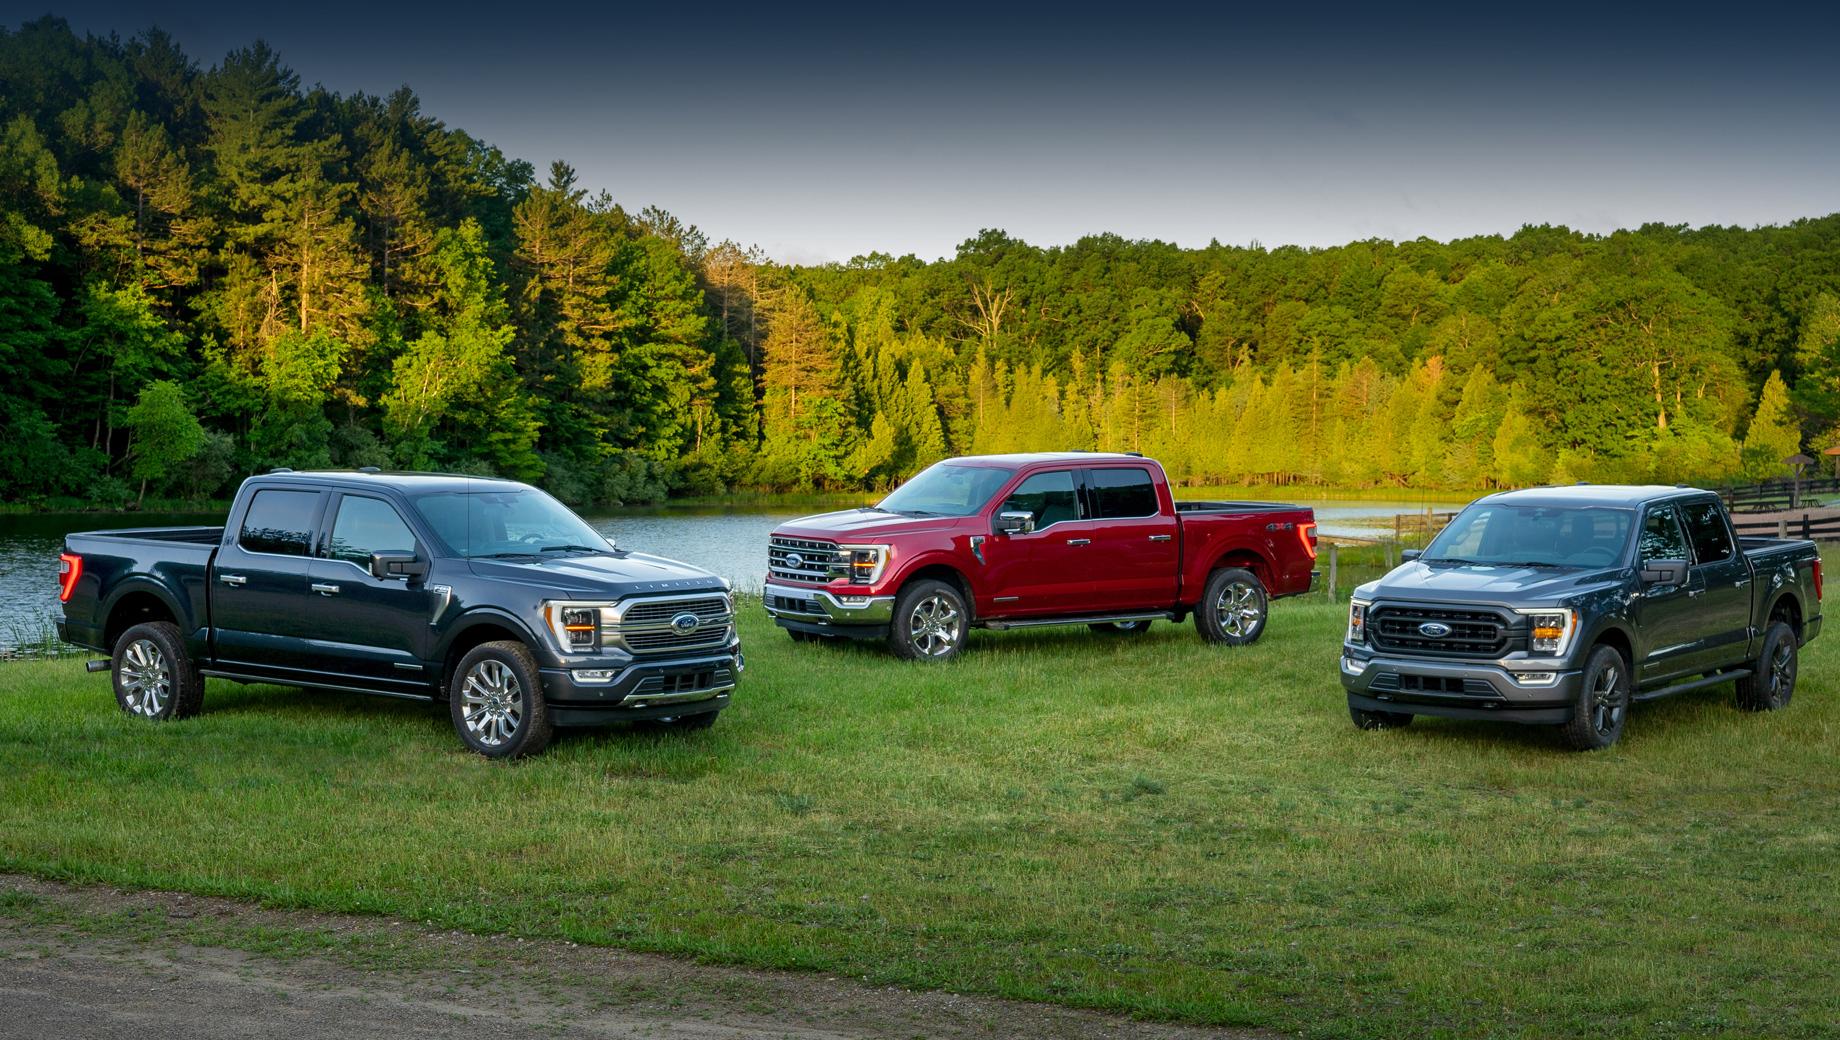 Ford f-150,Ford f-150 raptor. Продажи F-150 четырнадцатого поколения начнутся до конца этой осени. Стартовая цена на самую простую вариацию — $30 635 (2,39 млн рублей), не считая запланированных фирмой скидок по различным программам.